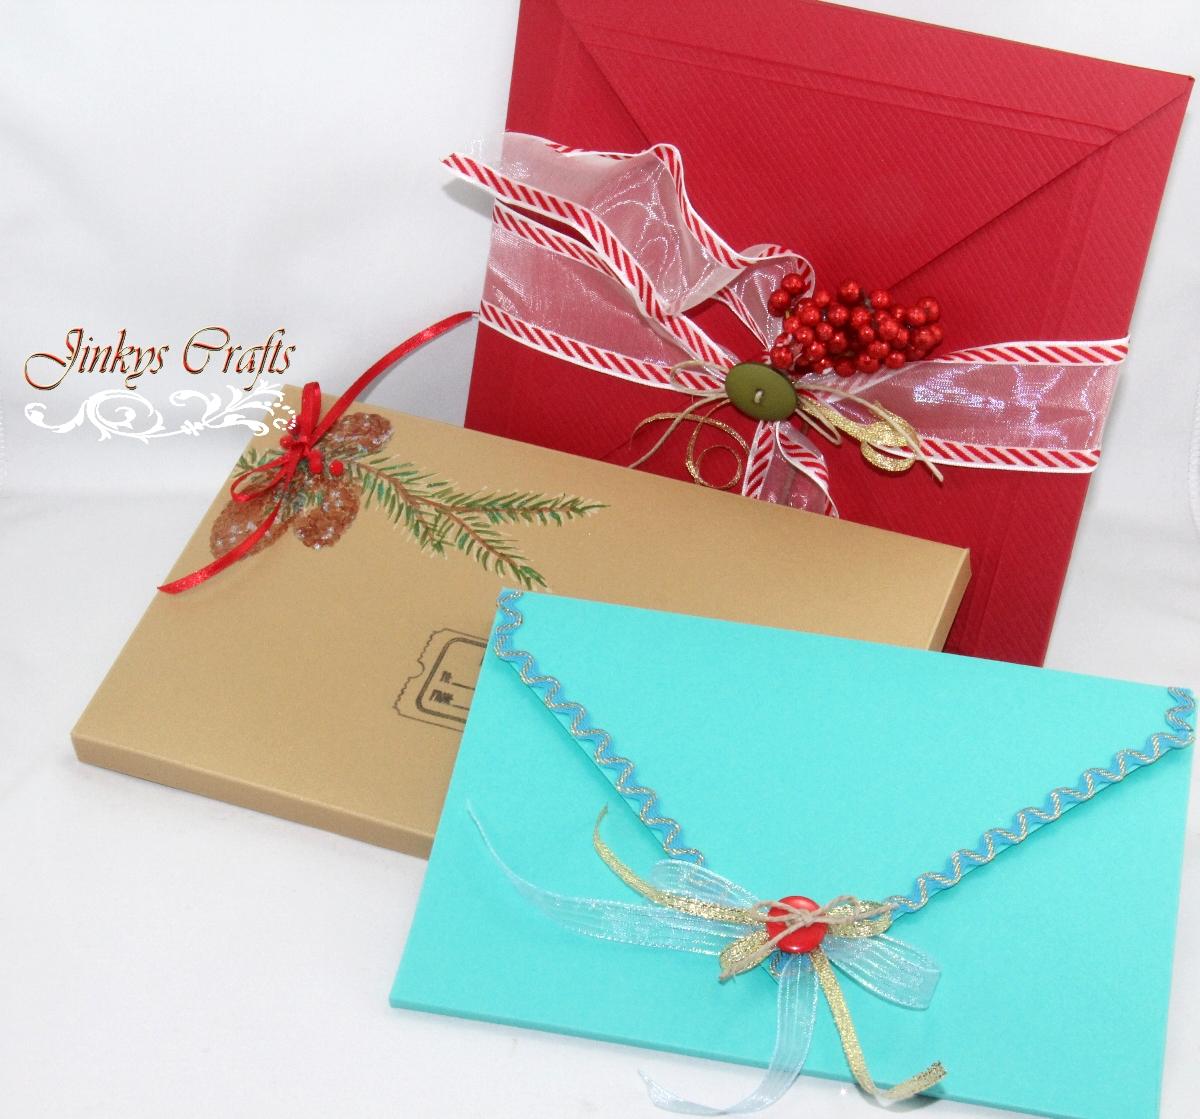 Jinkys Crafts Designs DIY 3D Envelopes Flashback Sunday